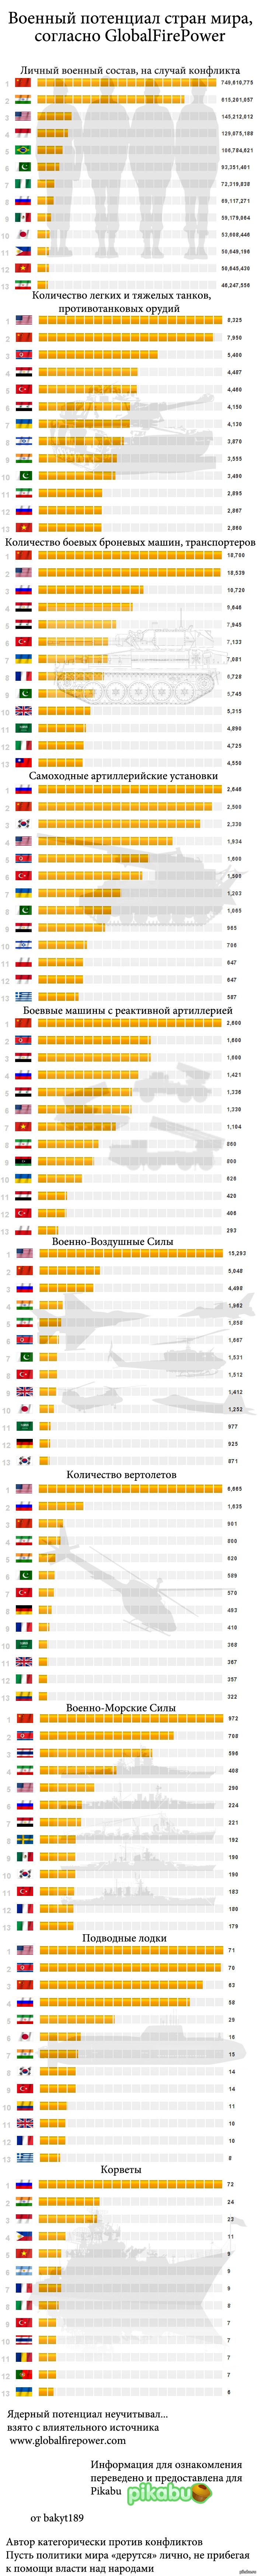 Немного статистики подробности на globalfirepower. Факты и цифры.